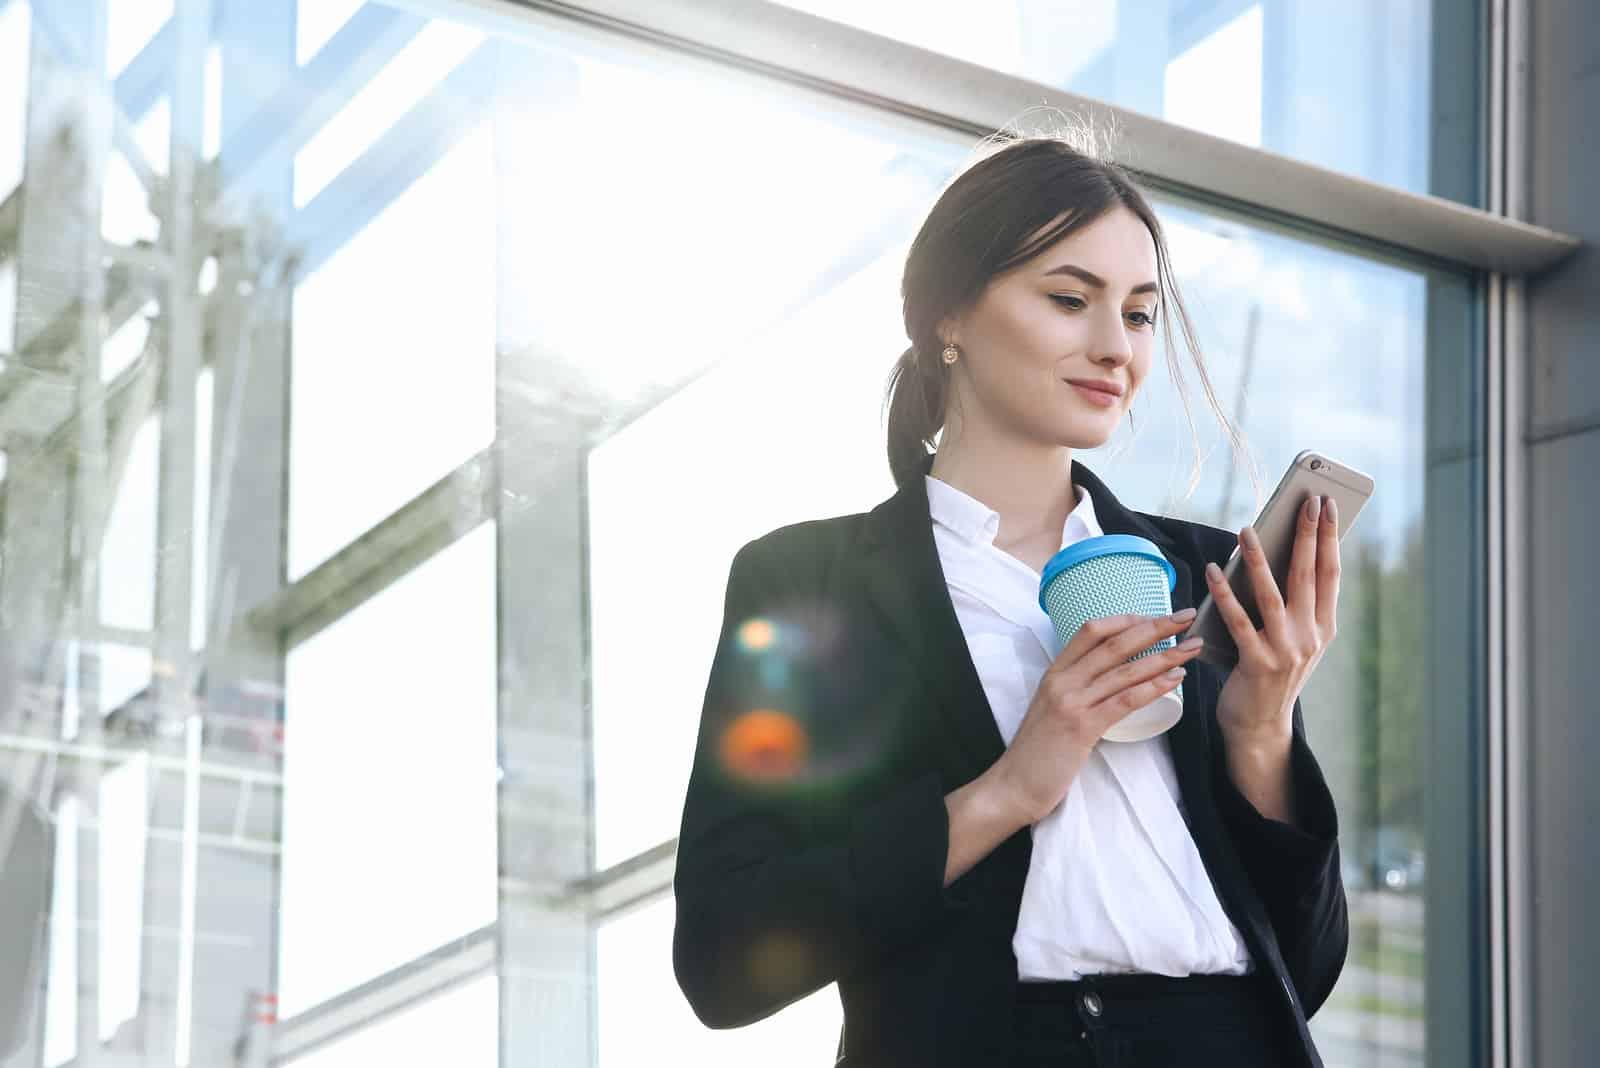 femme debout avec café à la main et bouton sur téléphone